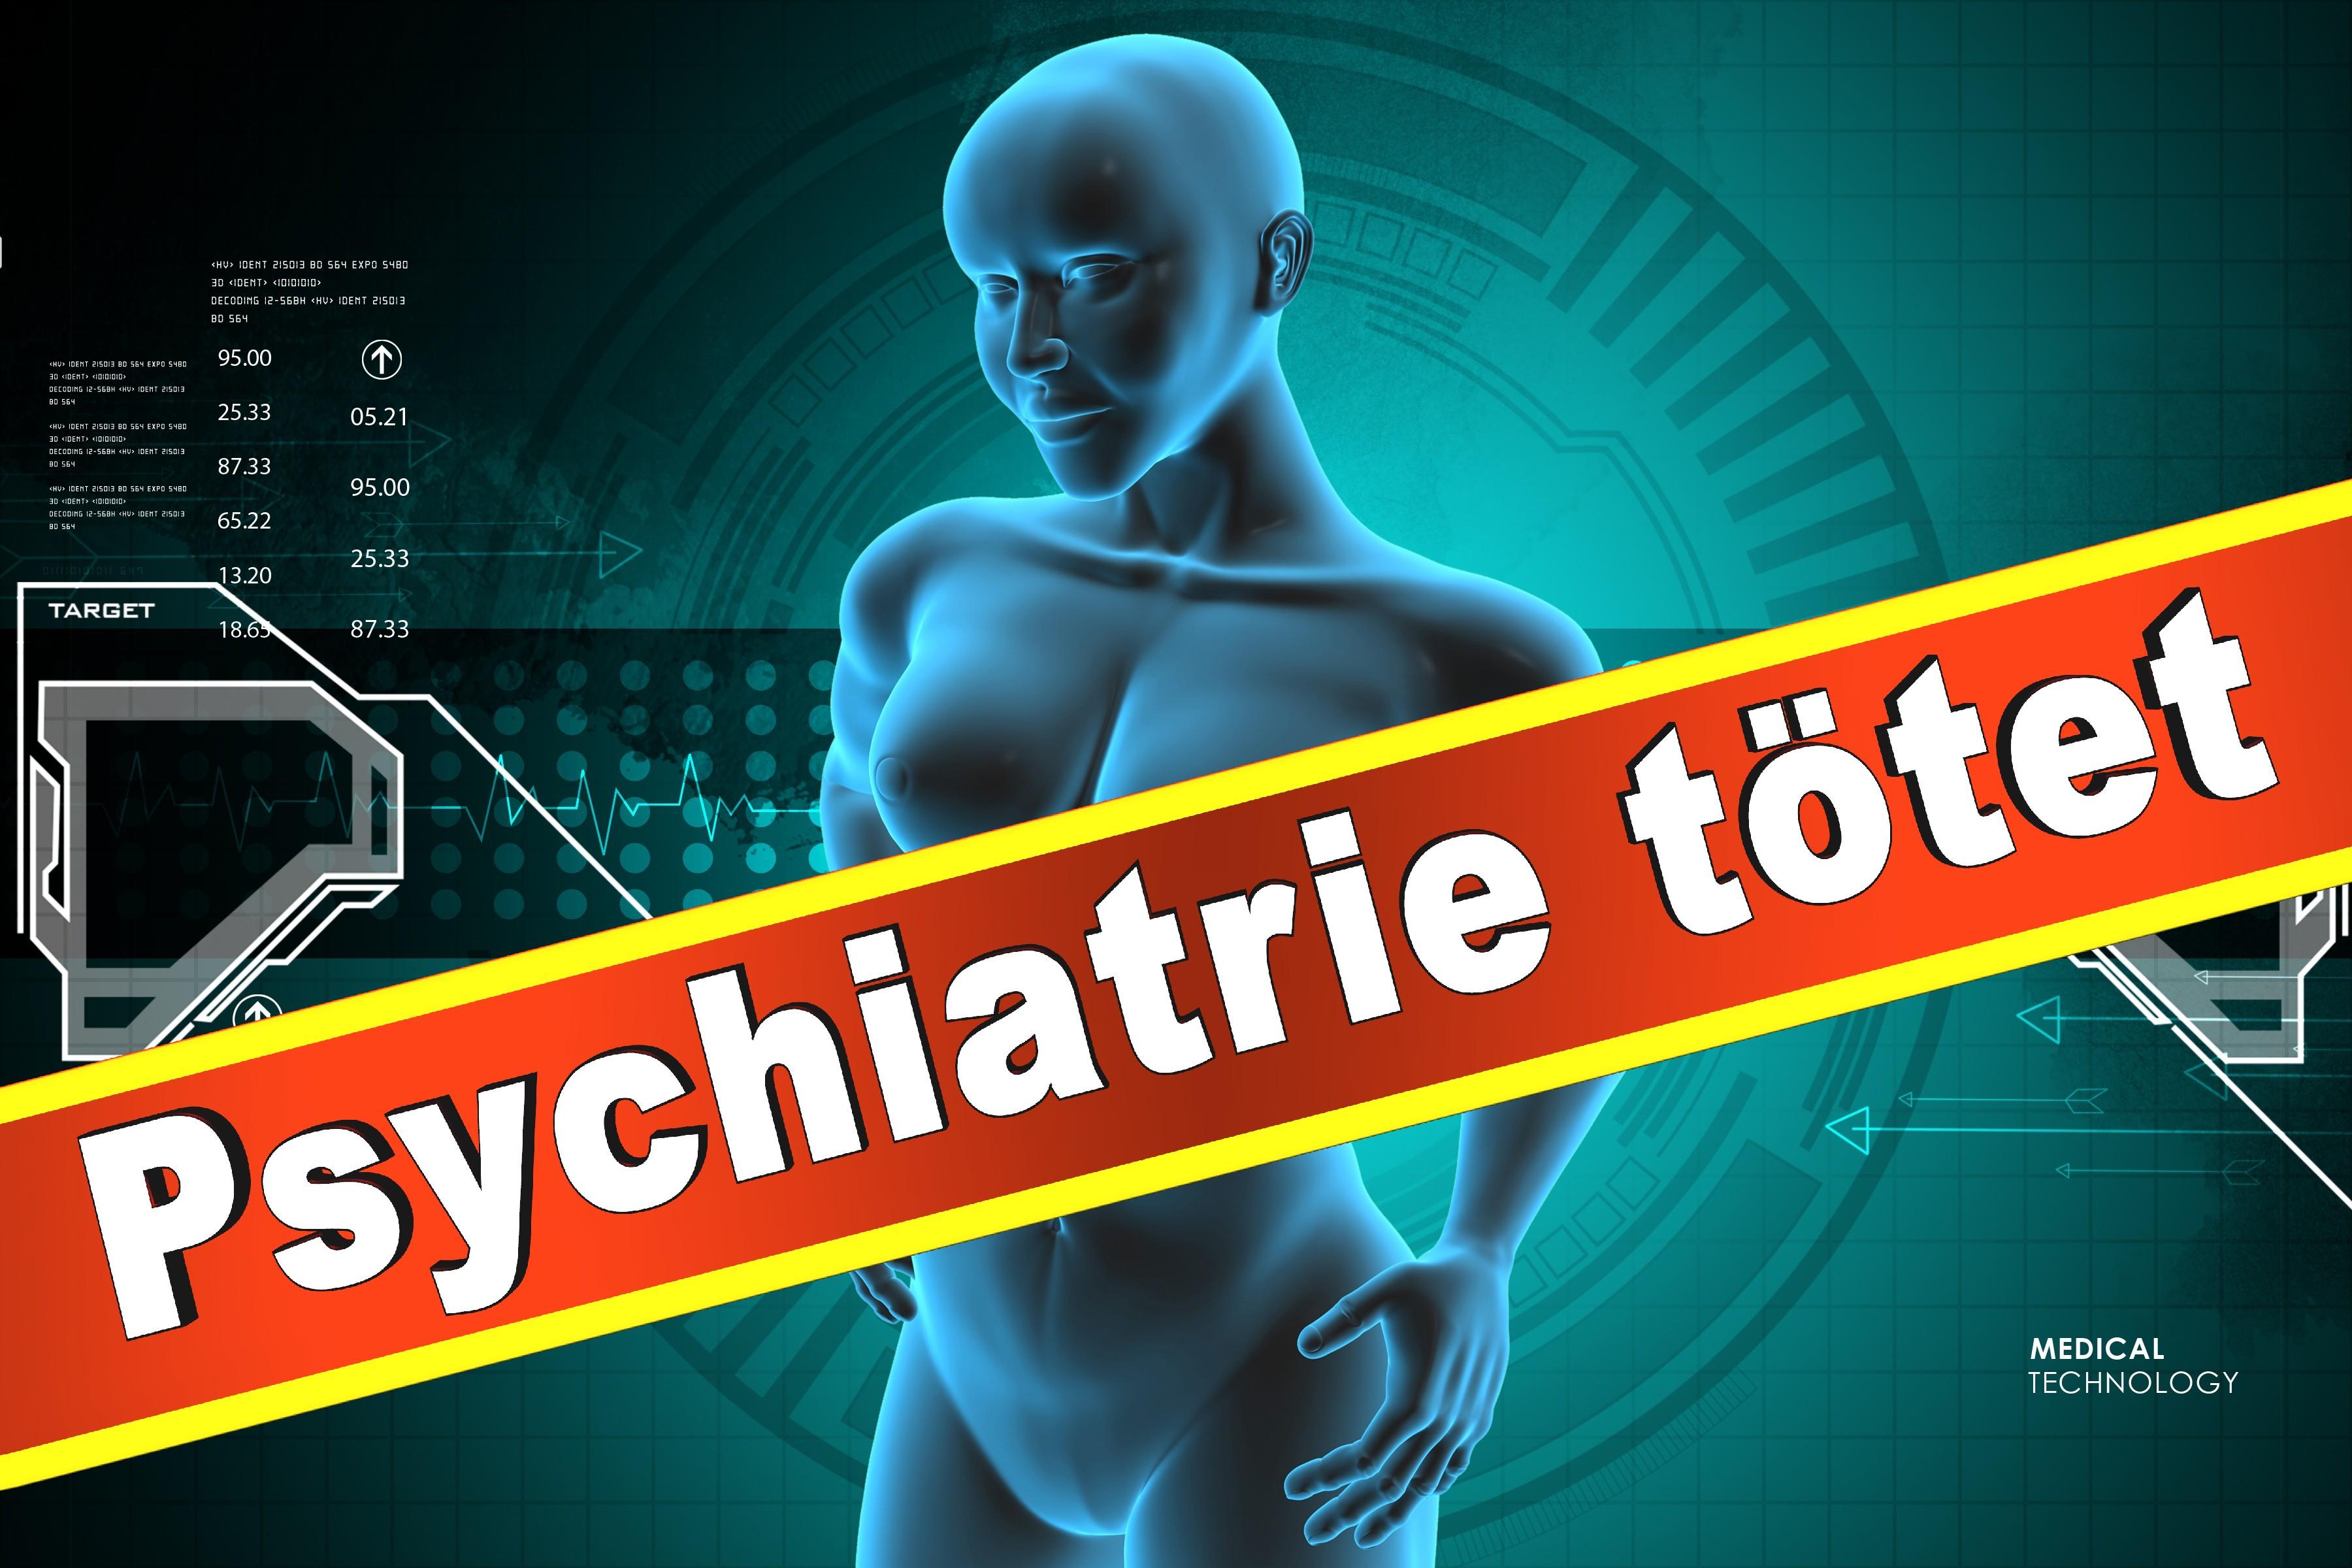 Danuta Maria Fuchs Fachärztin Für Psychiatrie Arzt Hannover Gutachten Psychiater Facharzt Psychiatrie